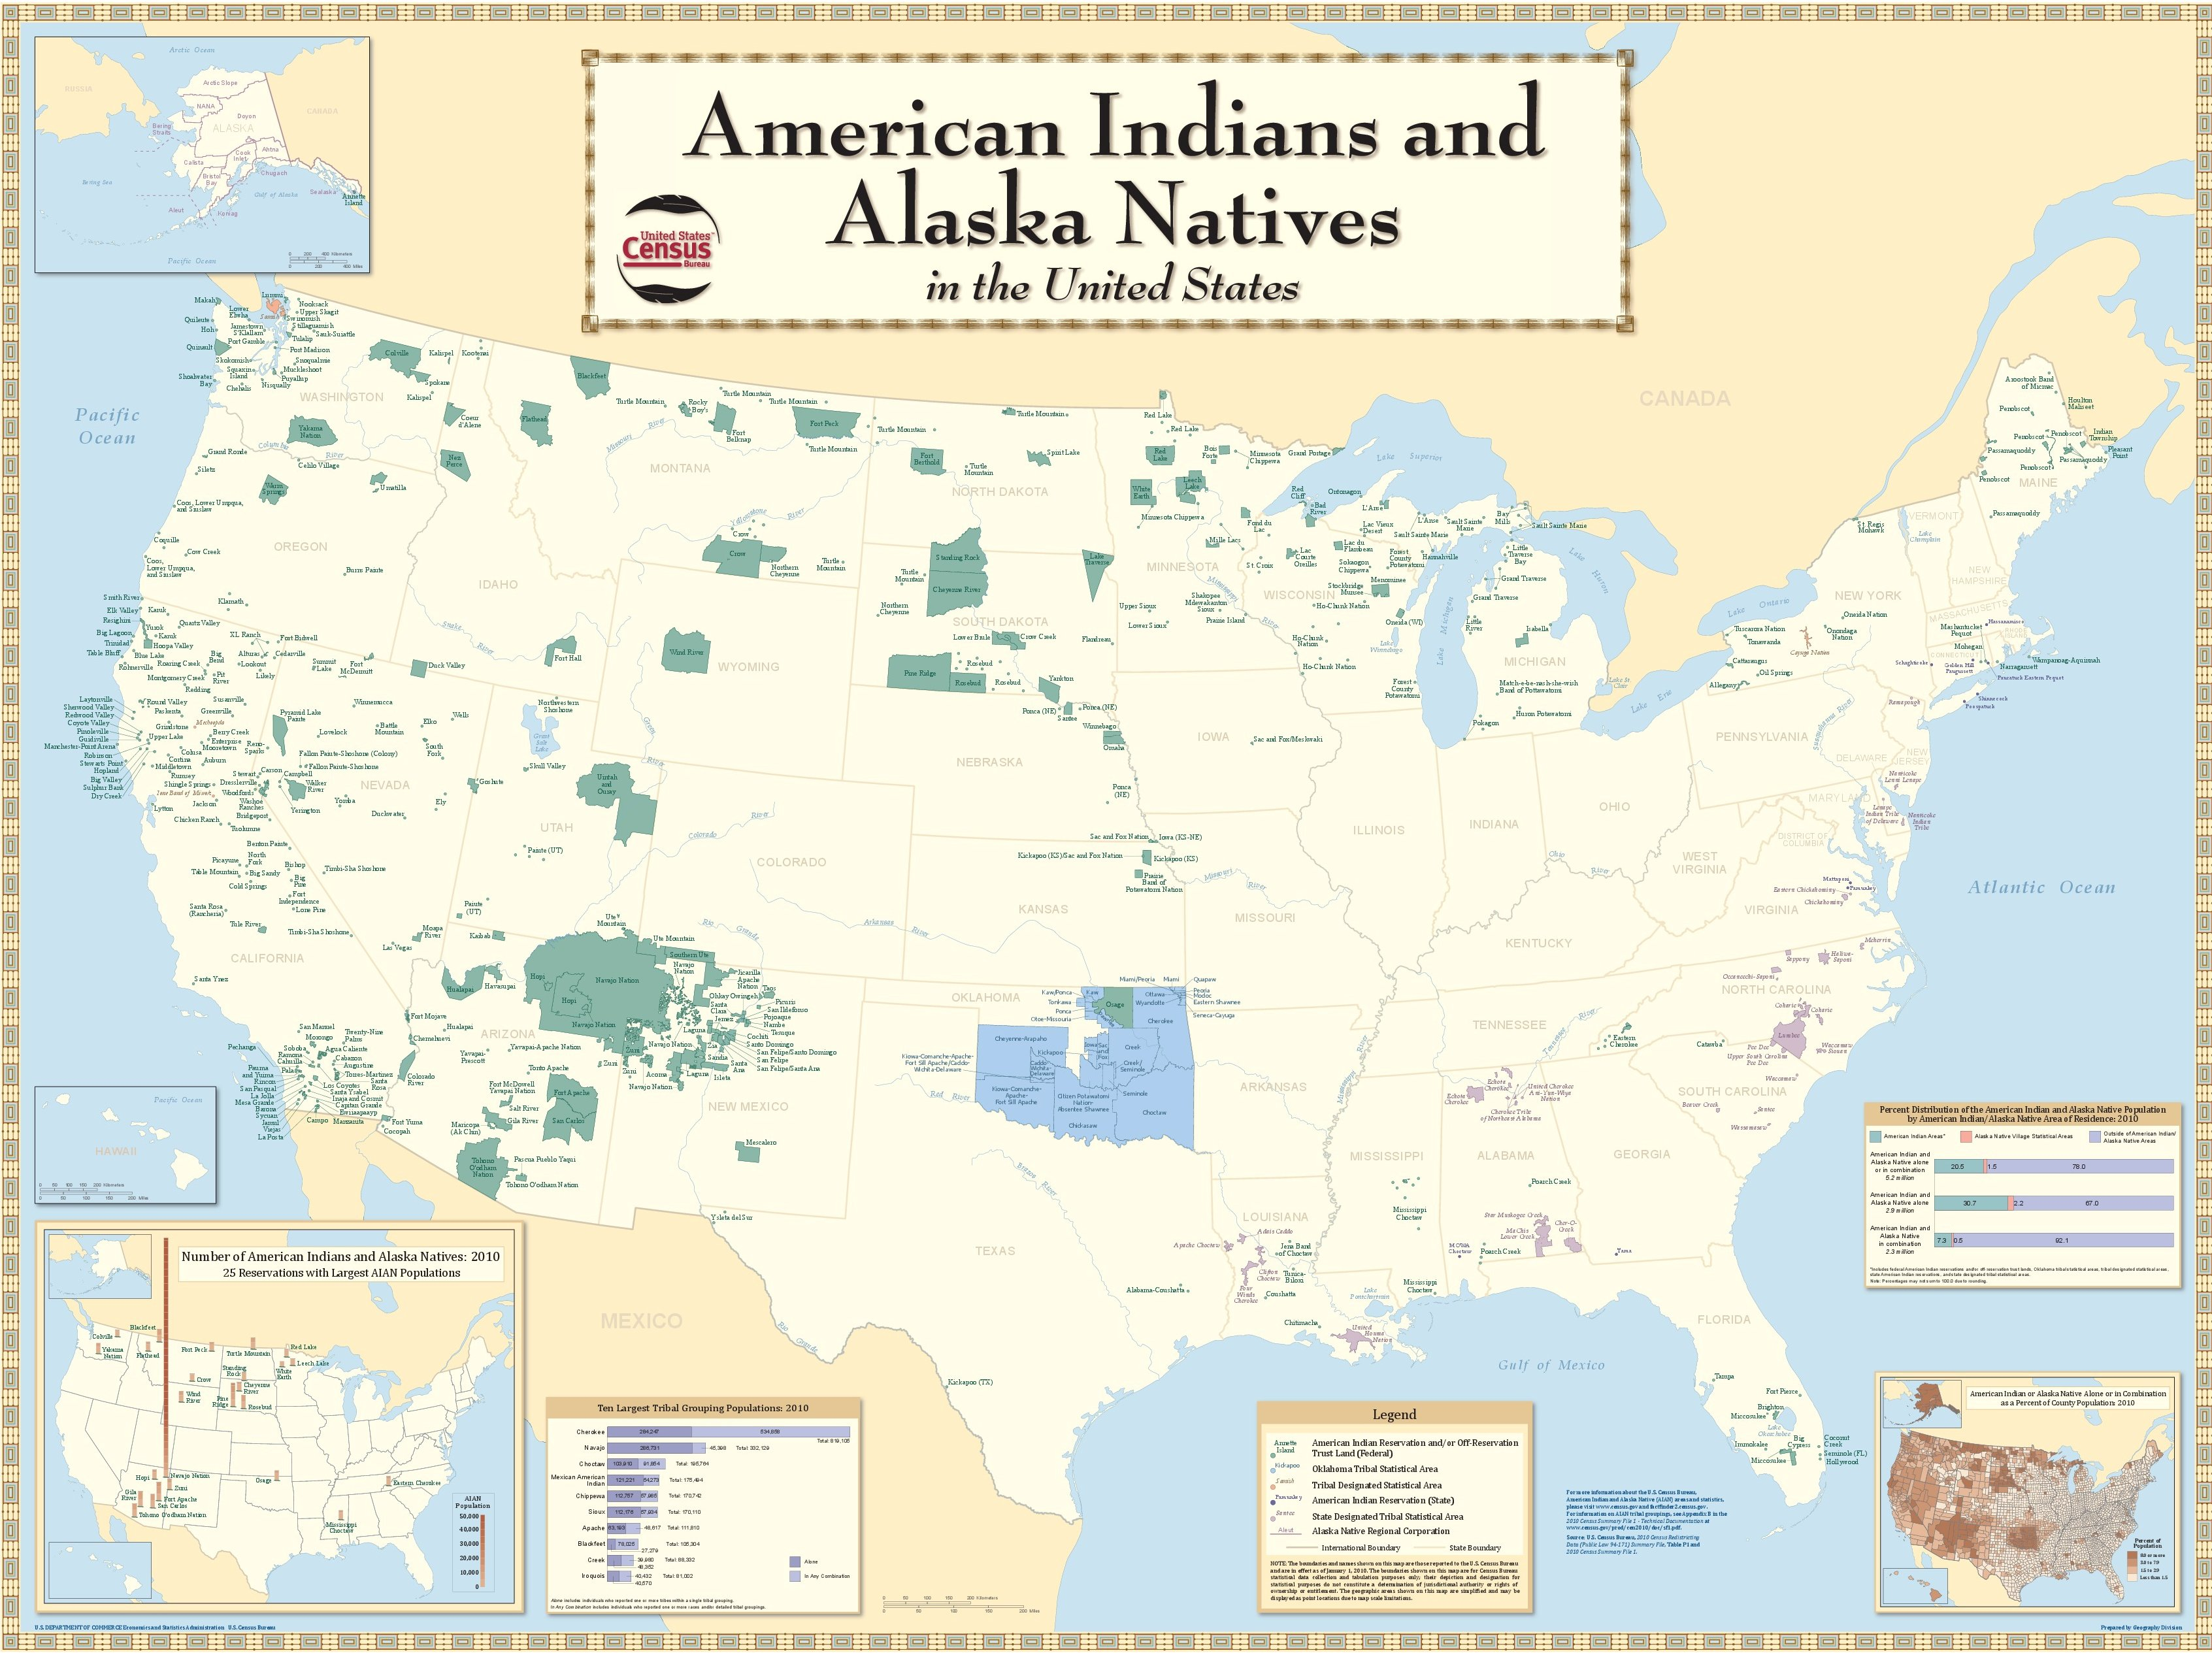 Carte Indiens Amerique Du Nord.Carte Detaillee Des Reserves Indiennes D Aujourd Hui